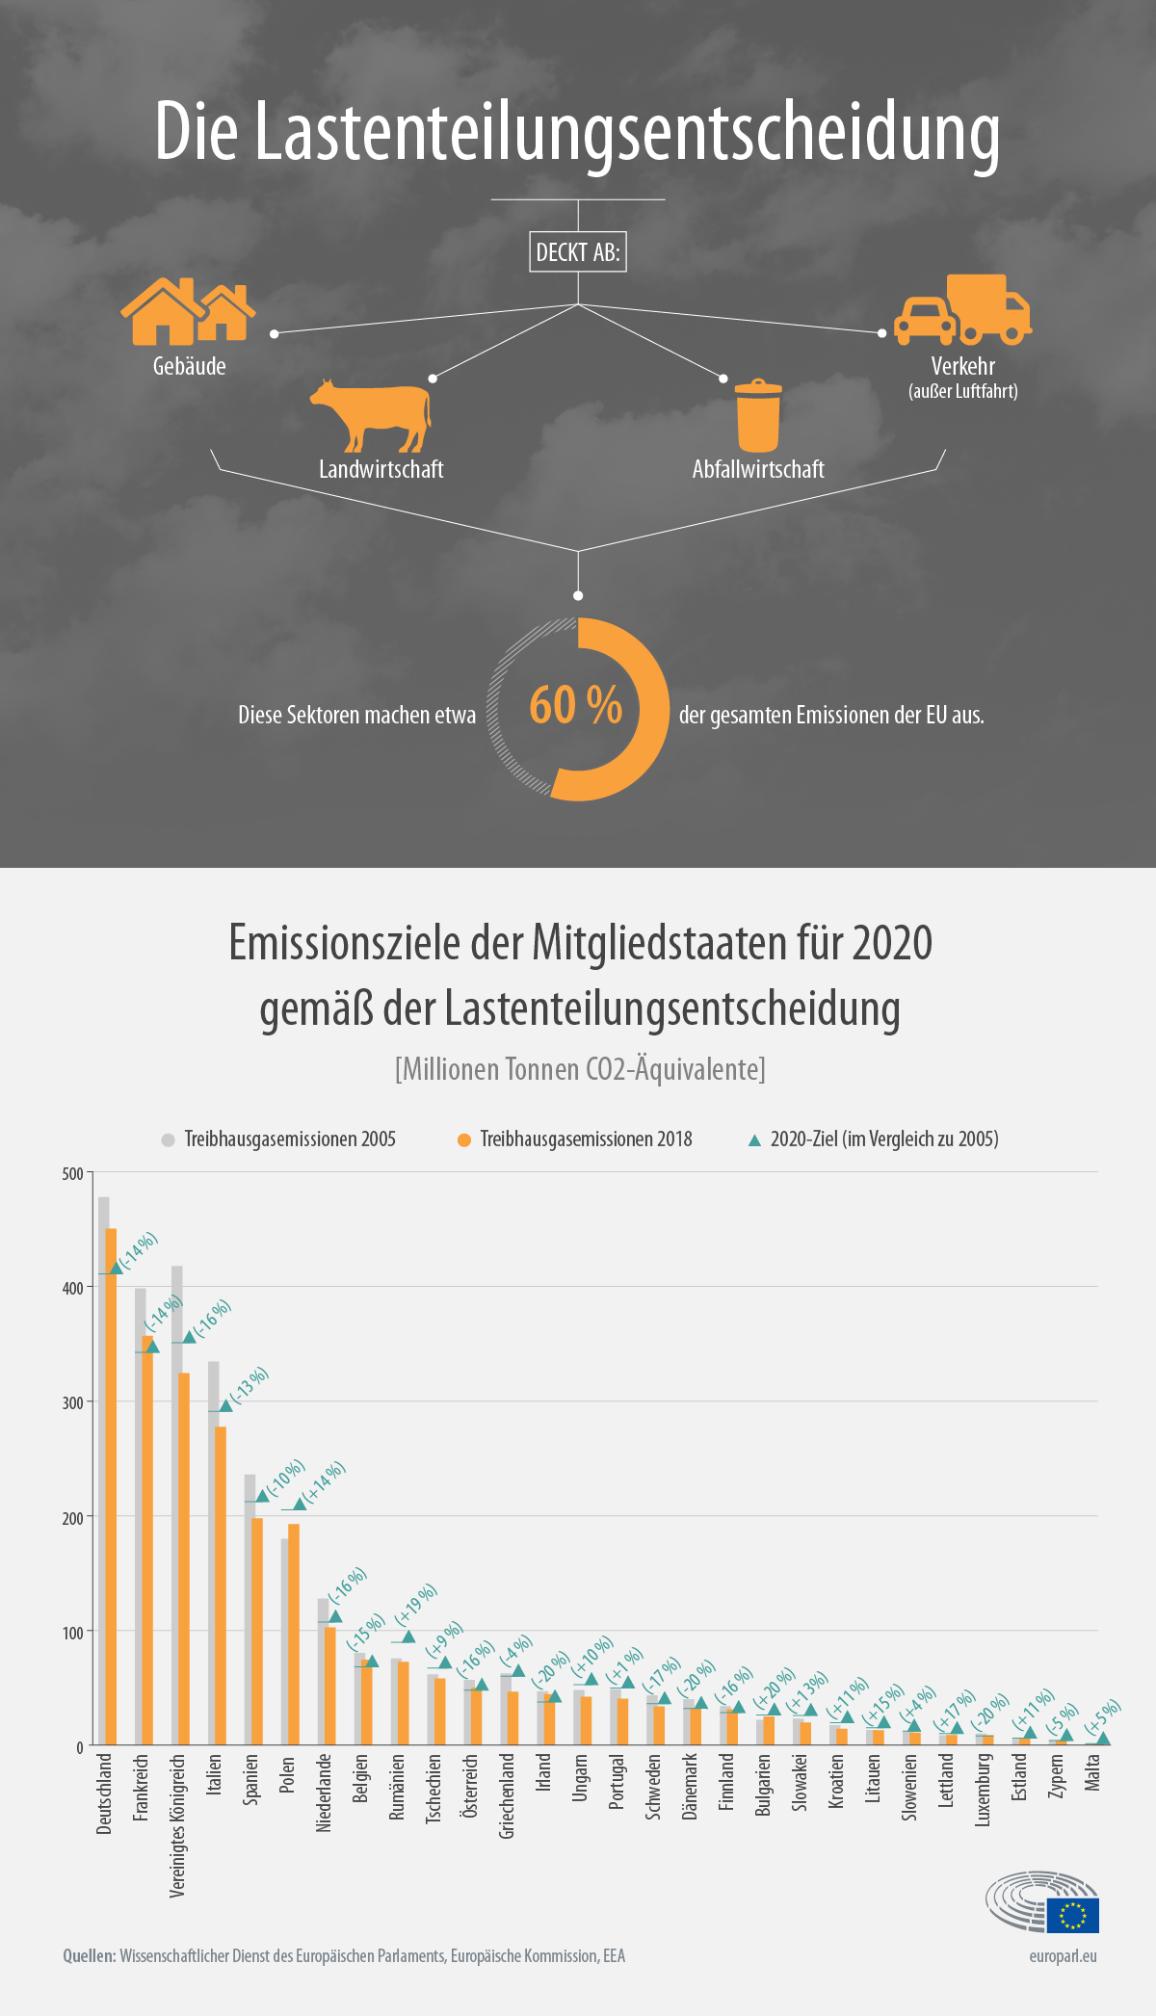 Die Infografik zeigt die Treibhausgasemissionen in der EU in den Jahren 2005 und 2018 sowie die Fortschritte in Hinblick auf das 2020-Ziel